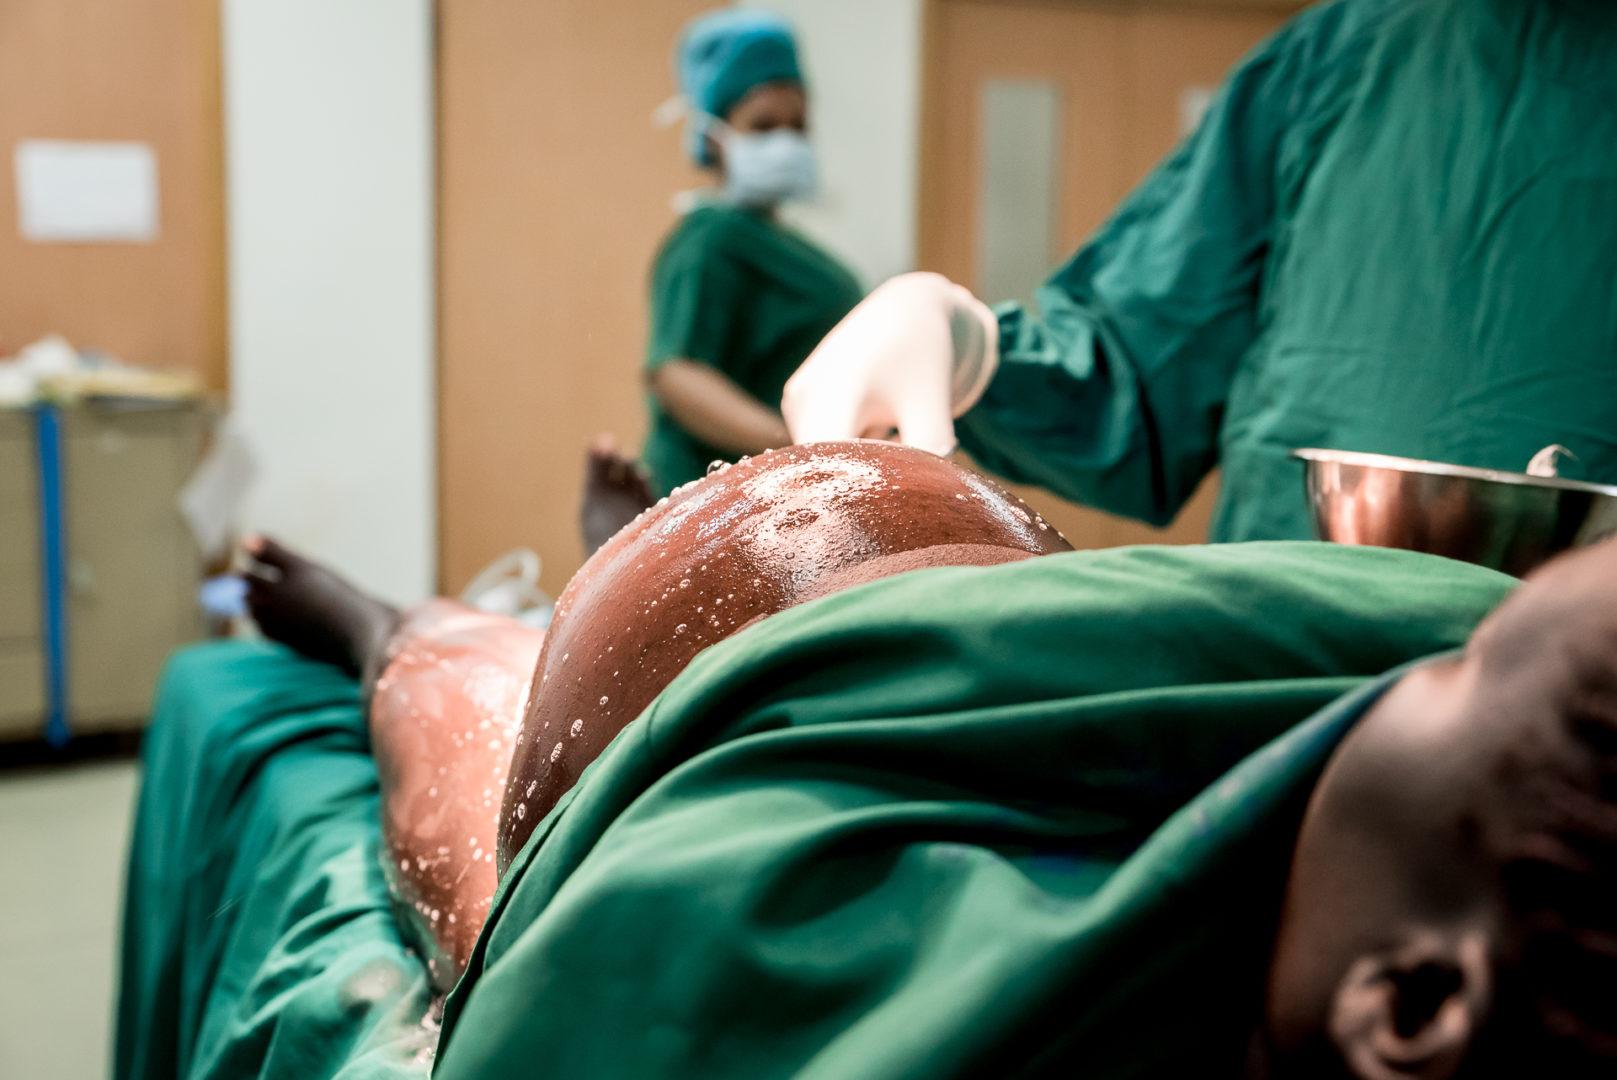 Gestante fazendo cesárea - concurso Birth Becomes Her